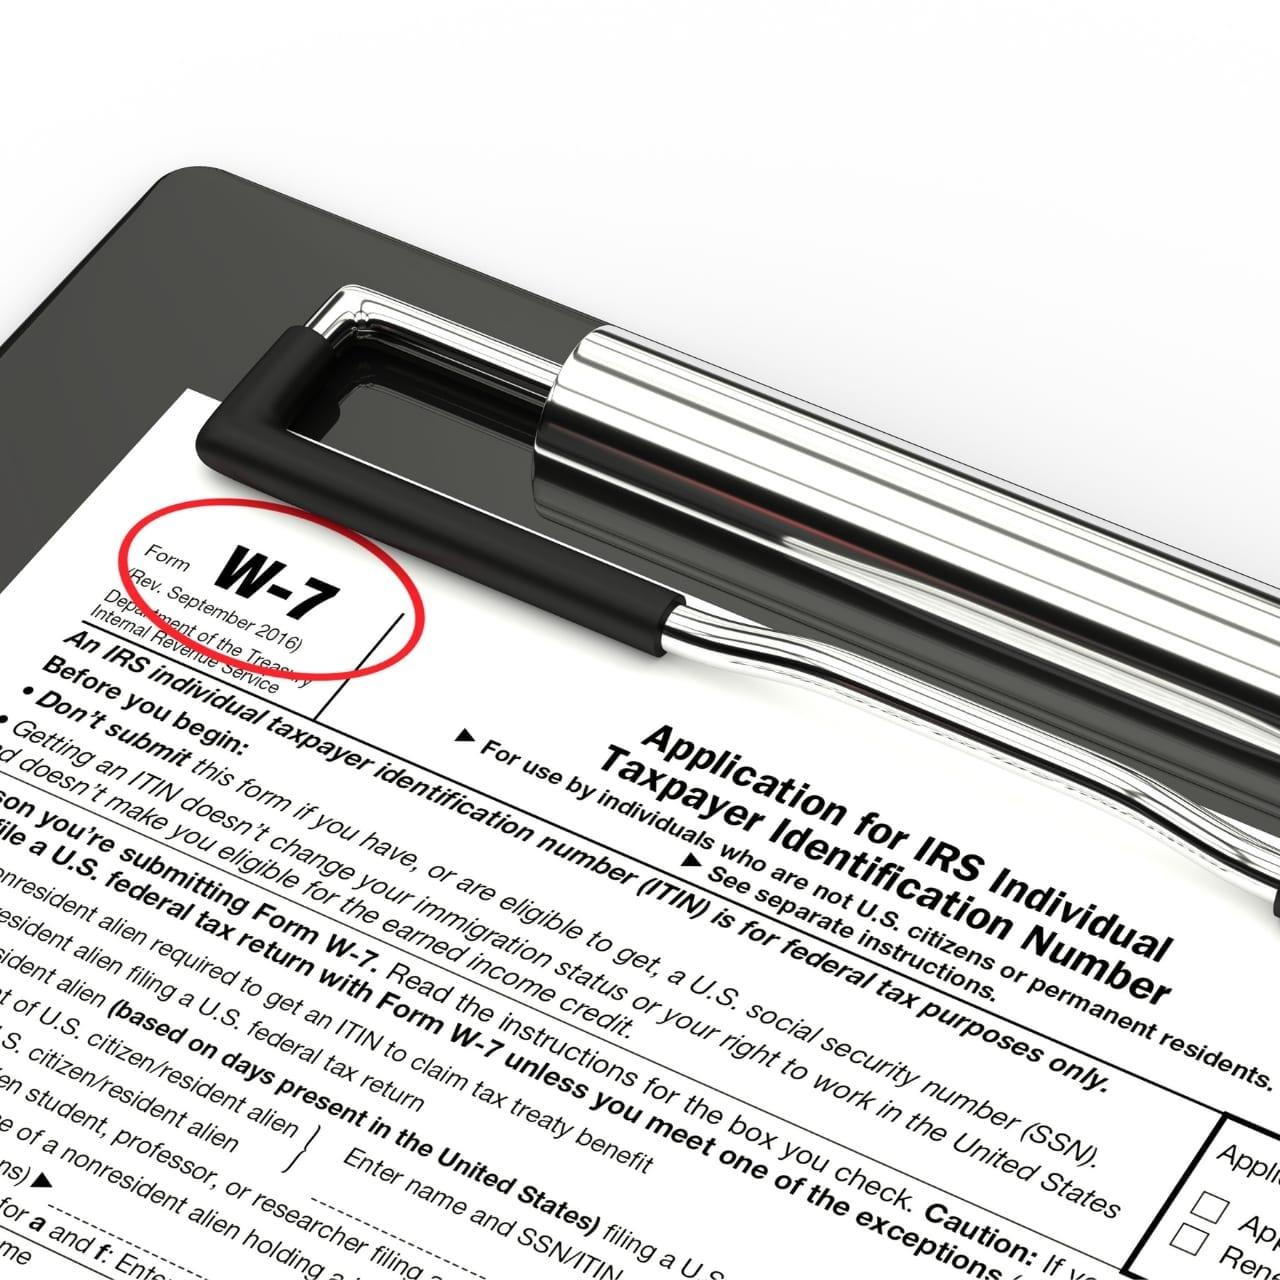 U.S. Tax IQ | ITIN Appplication